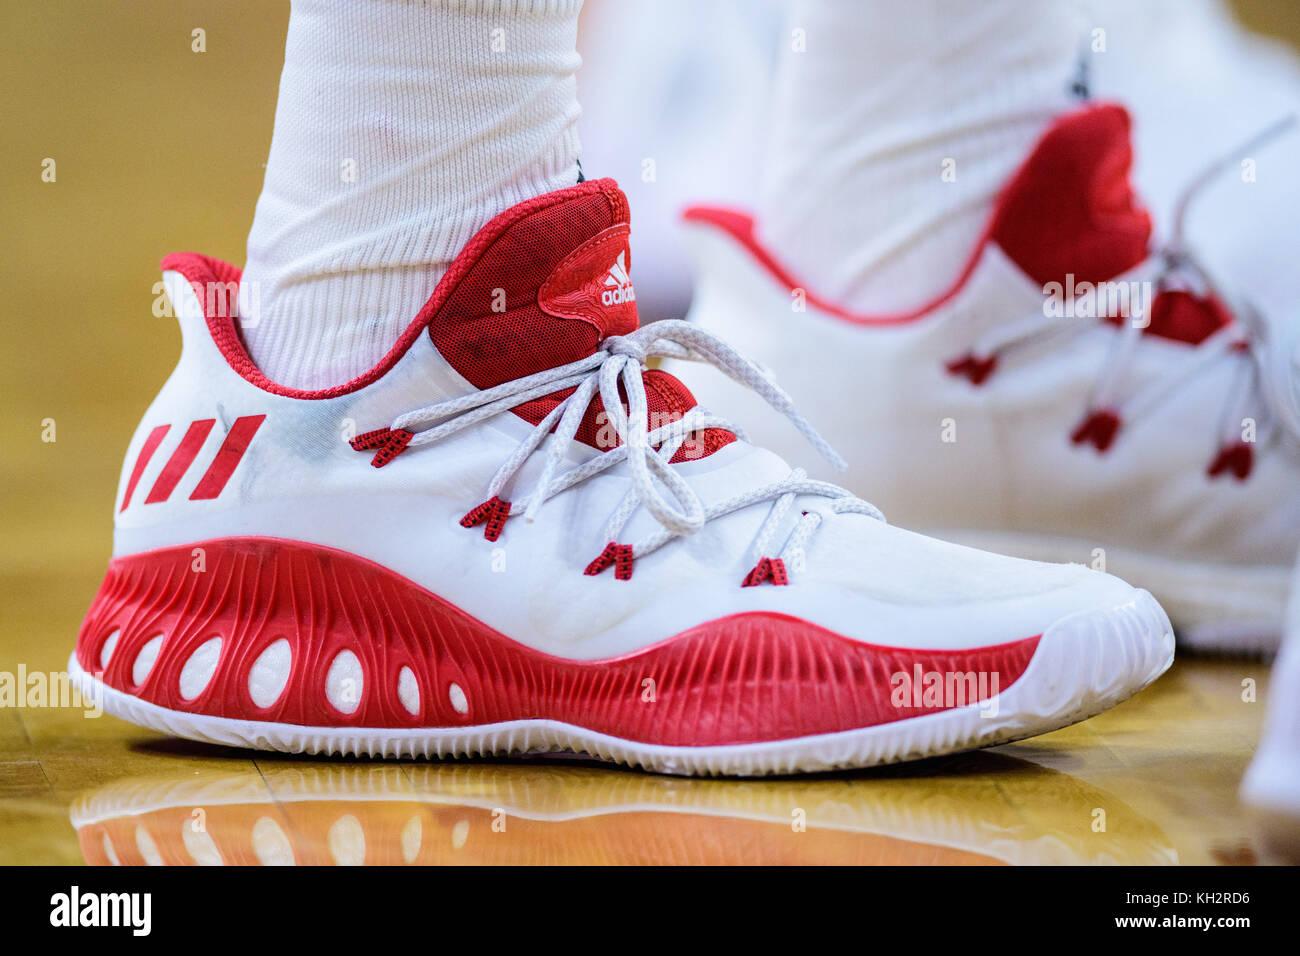 Les La Chaussures De Sam Nc State Guard Cours Adidas